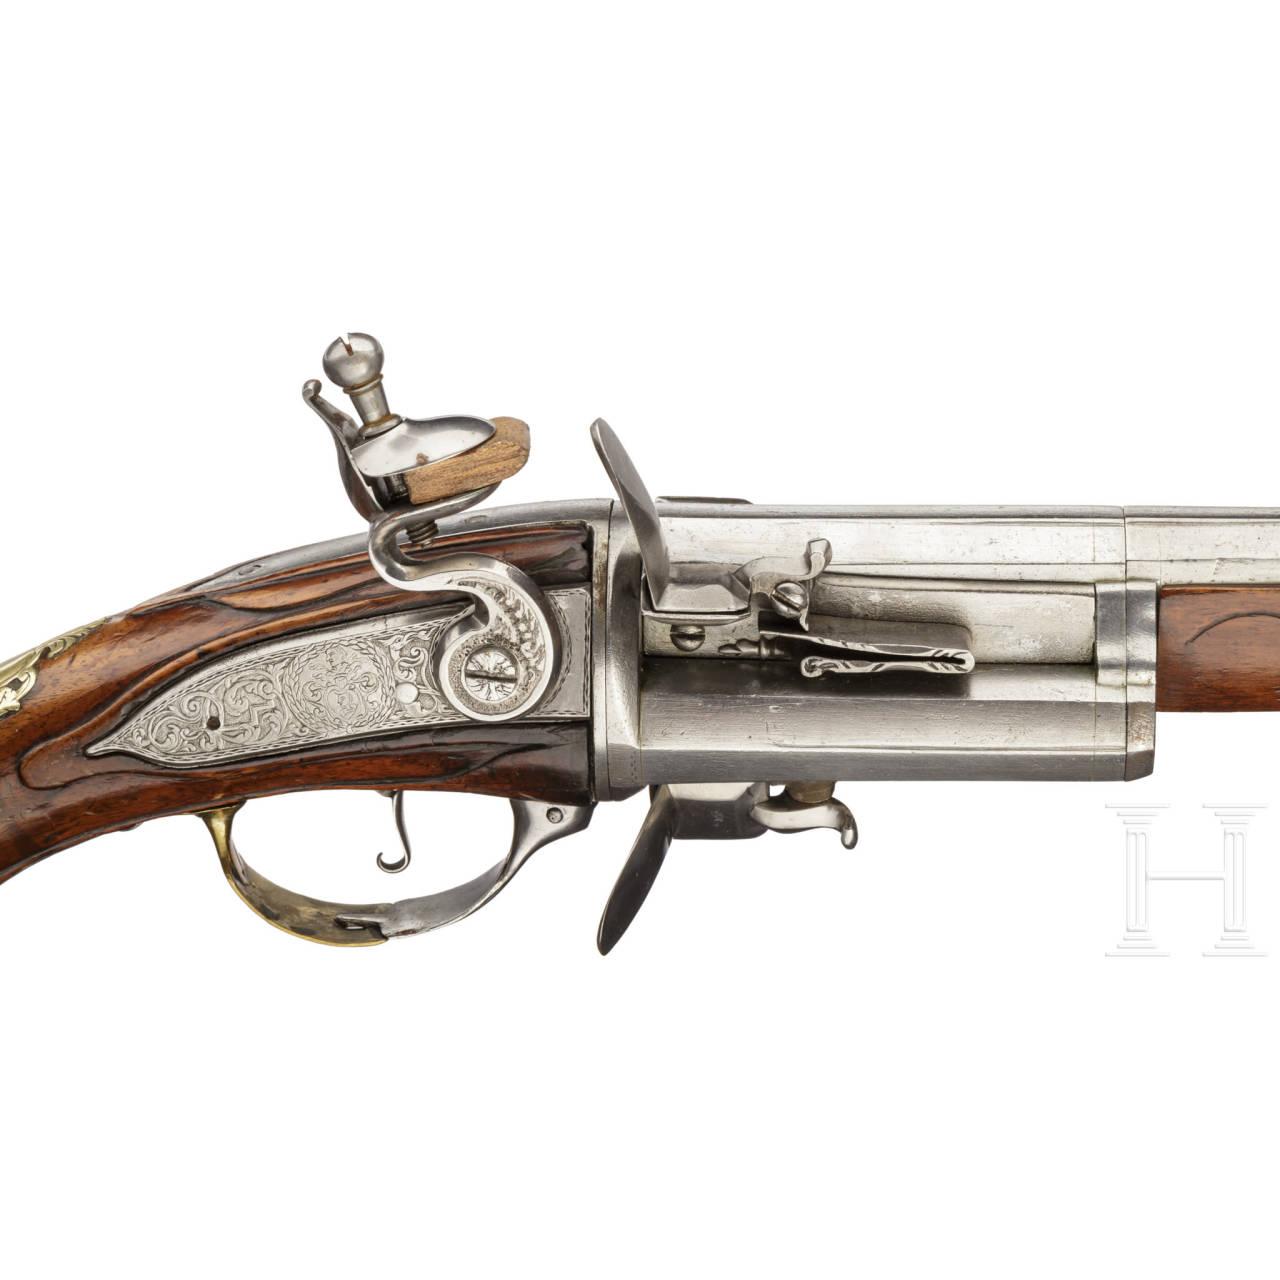 Dreischüssiger Steinschloss-Revolver, deutsch/flämisch, um 1730